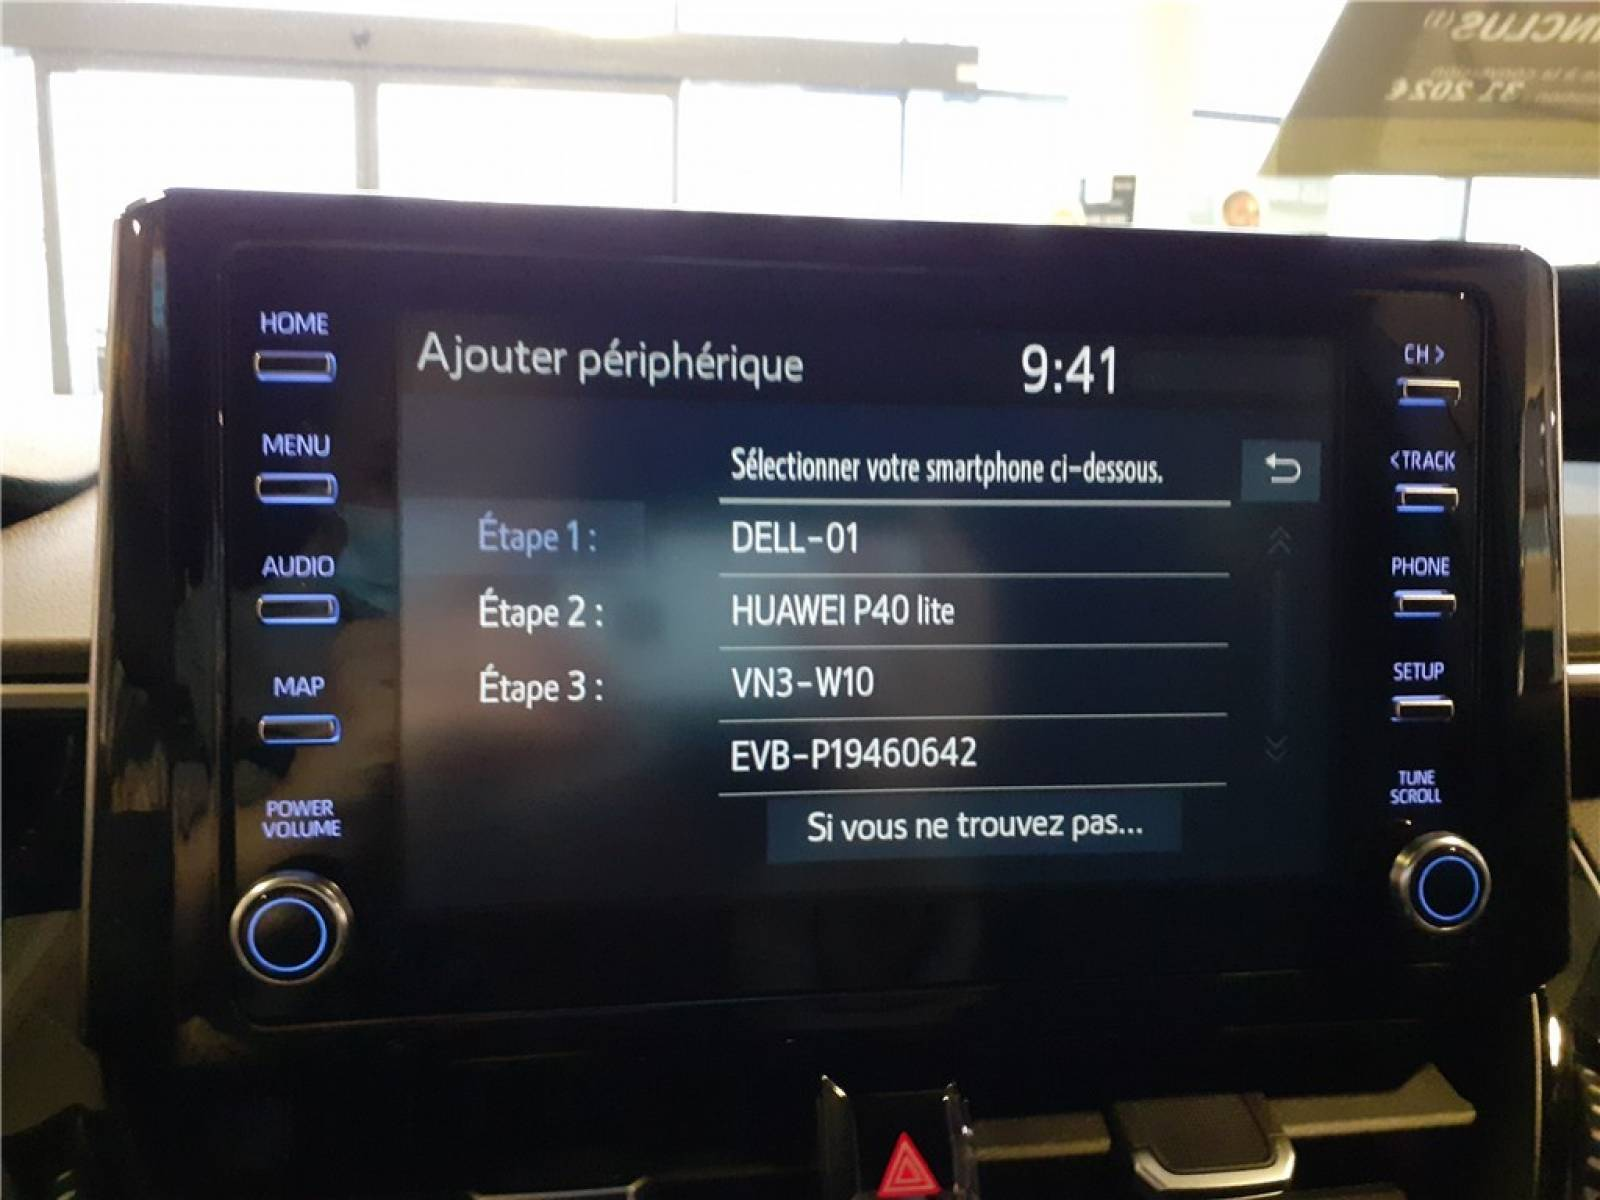 SUZUKI Swace 1.8 Hybrid - véhicule d'occasion - Groupe Guillet - Hall de l'automobile - Chalon sur Saône - 71380 - Saint-Marcel - 35